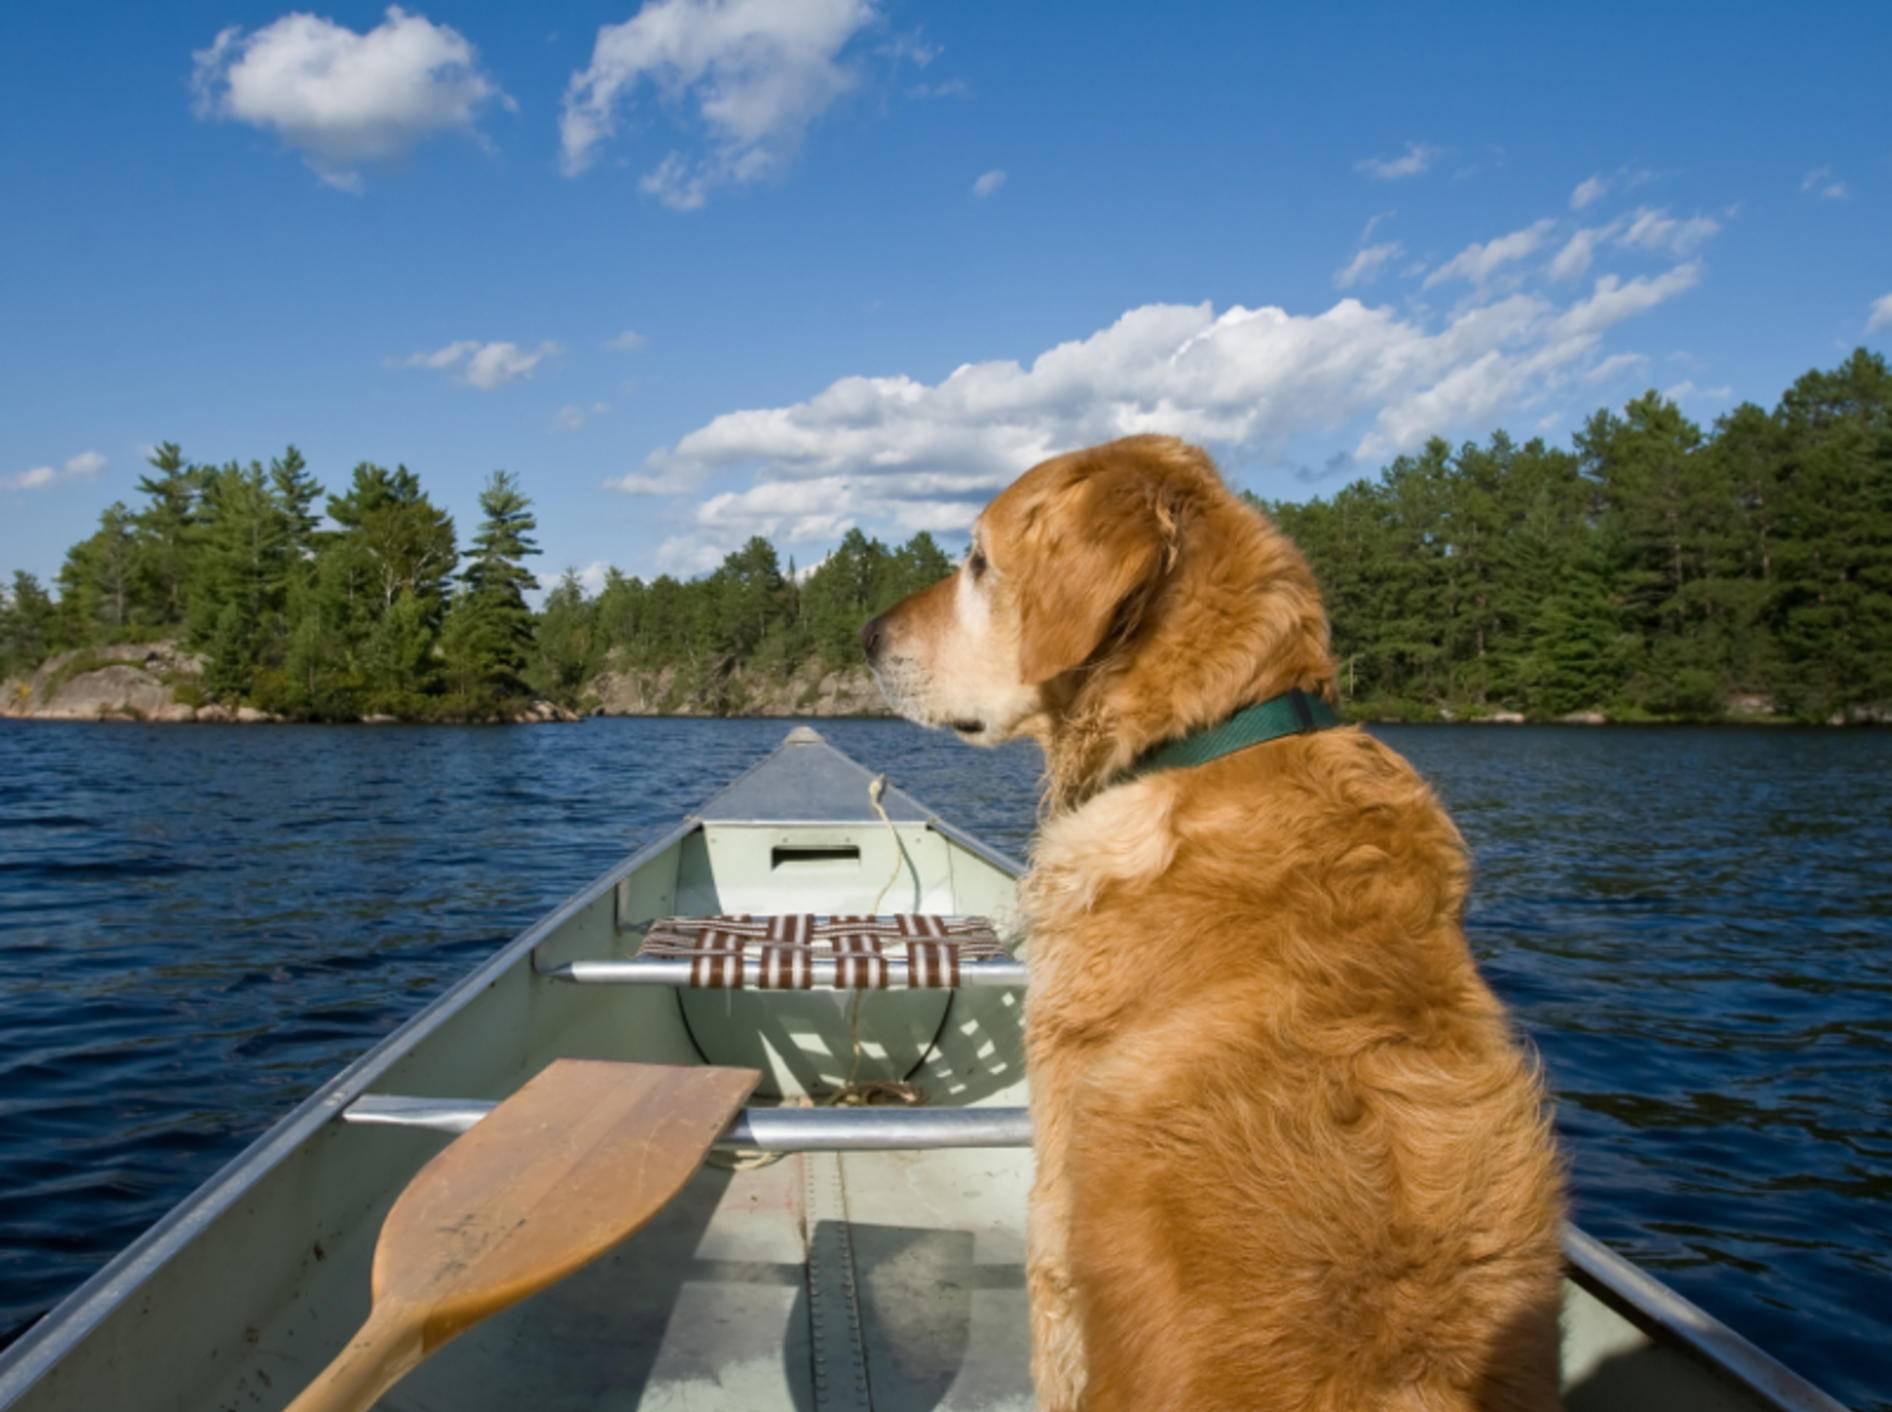 Die meisten Hunde mögen das Kanufahren, vor allem wasserliebende Ratten wie Retriever – Shutterstock / Kris Holland